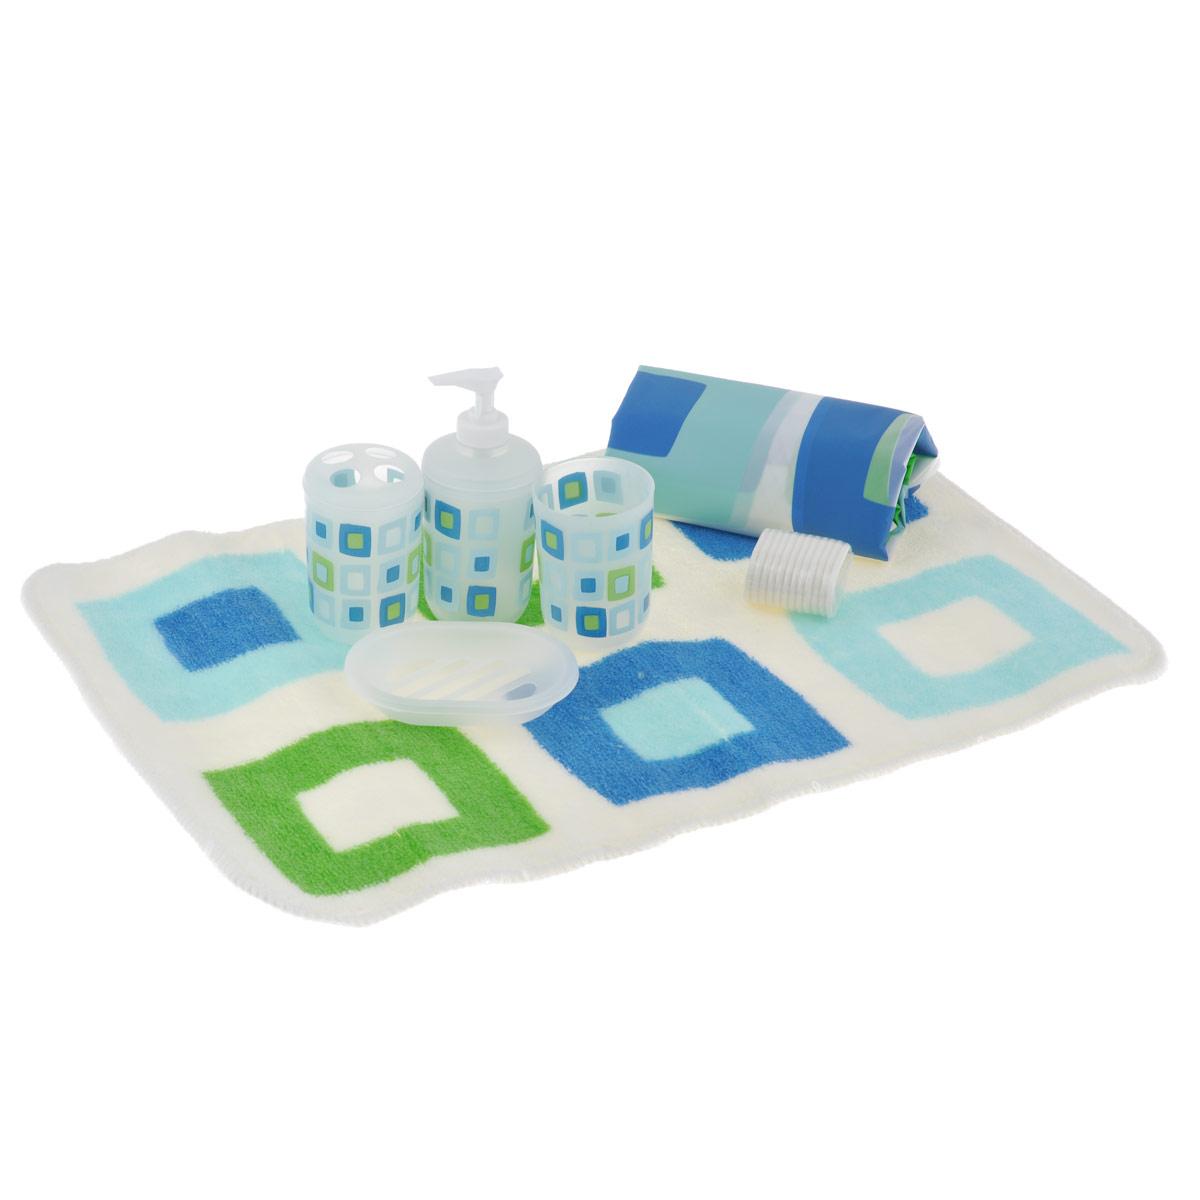 Набор для ванной комнаты House & Holder, цвет: белый, голубой, 7 предметовSWYS045Набор для ванной комнаты House & Holder состоит из держателя для зубных щеток, стакана для пасты, дозатора для жидкого мыла, мыльницы, коврика и шторы для ванной с 12 кольцами. Держатель, стакан, дозатор, мыльница и кольца изготовлены из пластика и декорированы разноцветными квадратами. Коврик изготовлен из мягкого плотного ворса, который не даст замерзнуть ногам. Основание коврика предотвращает скольжение его по полу. Шторка выполнена из водоотталкивающего материала. Набор House & Holder станет отличным подарком на праздник. Диаметр стакана (по верхнему краю): 7 см. Высота стакана: 9,5 см. Размер держателя для зубных щеток: 7 см х 7 см х 11 см. Размер дозатора: 7 см х 7 см х 16 см. Размер мыльницы: 13 см х 9,5 см х 2,5 см. Размер шторы: 180 см х 180 см. Размер коврика: 60 см х 40 см.